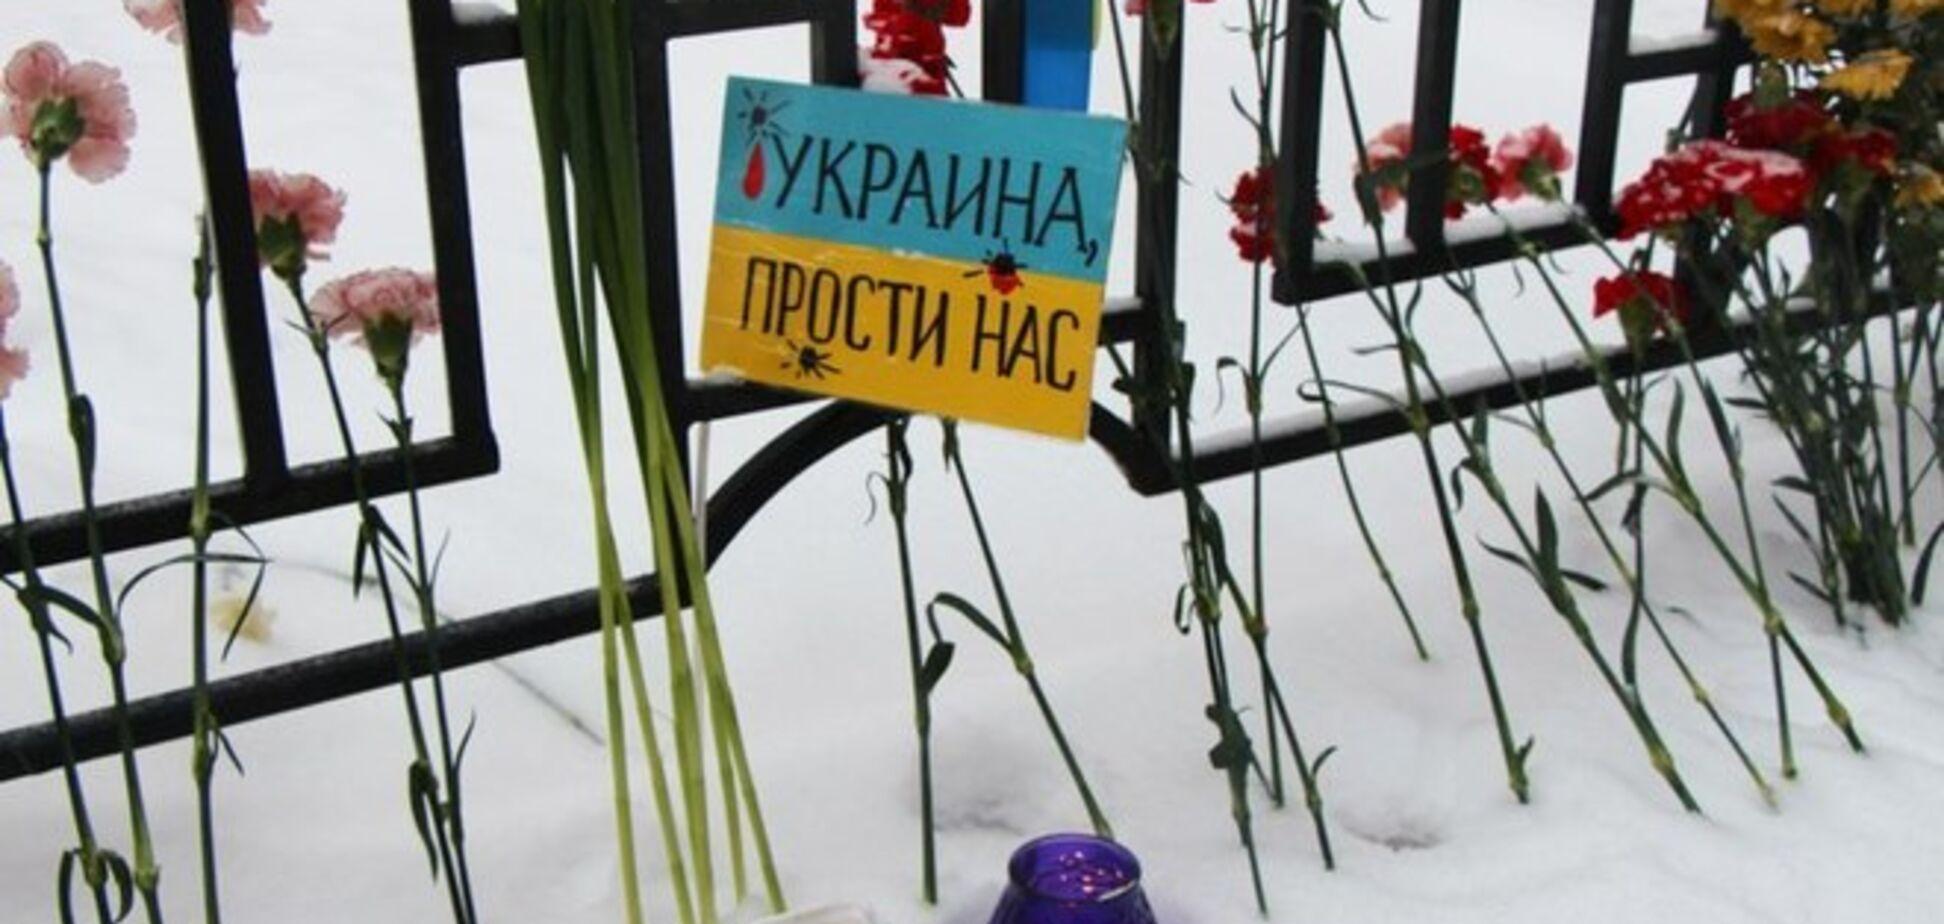 'Украина, прости нас!': жители Санкт-Петербурга пришли к украинскому посольству с цветами и свечами